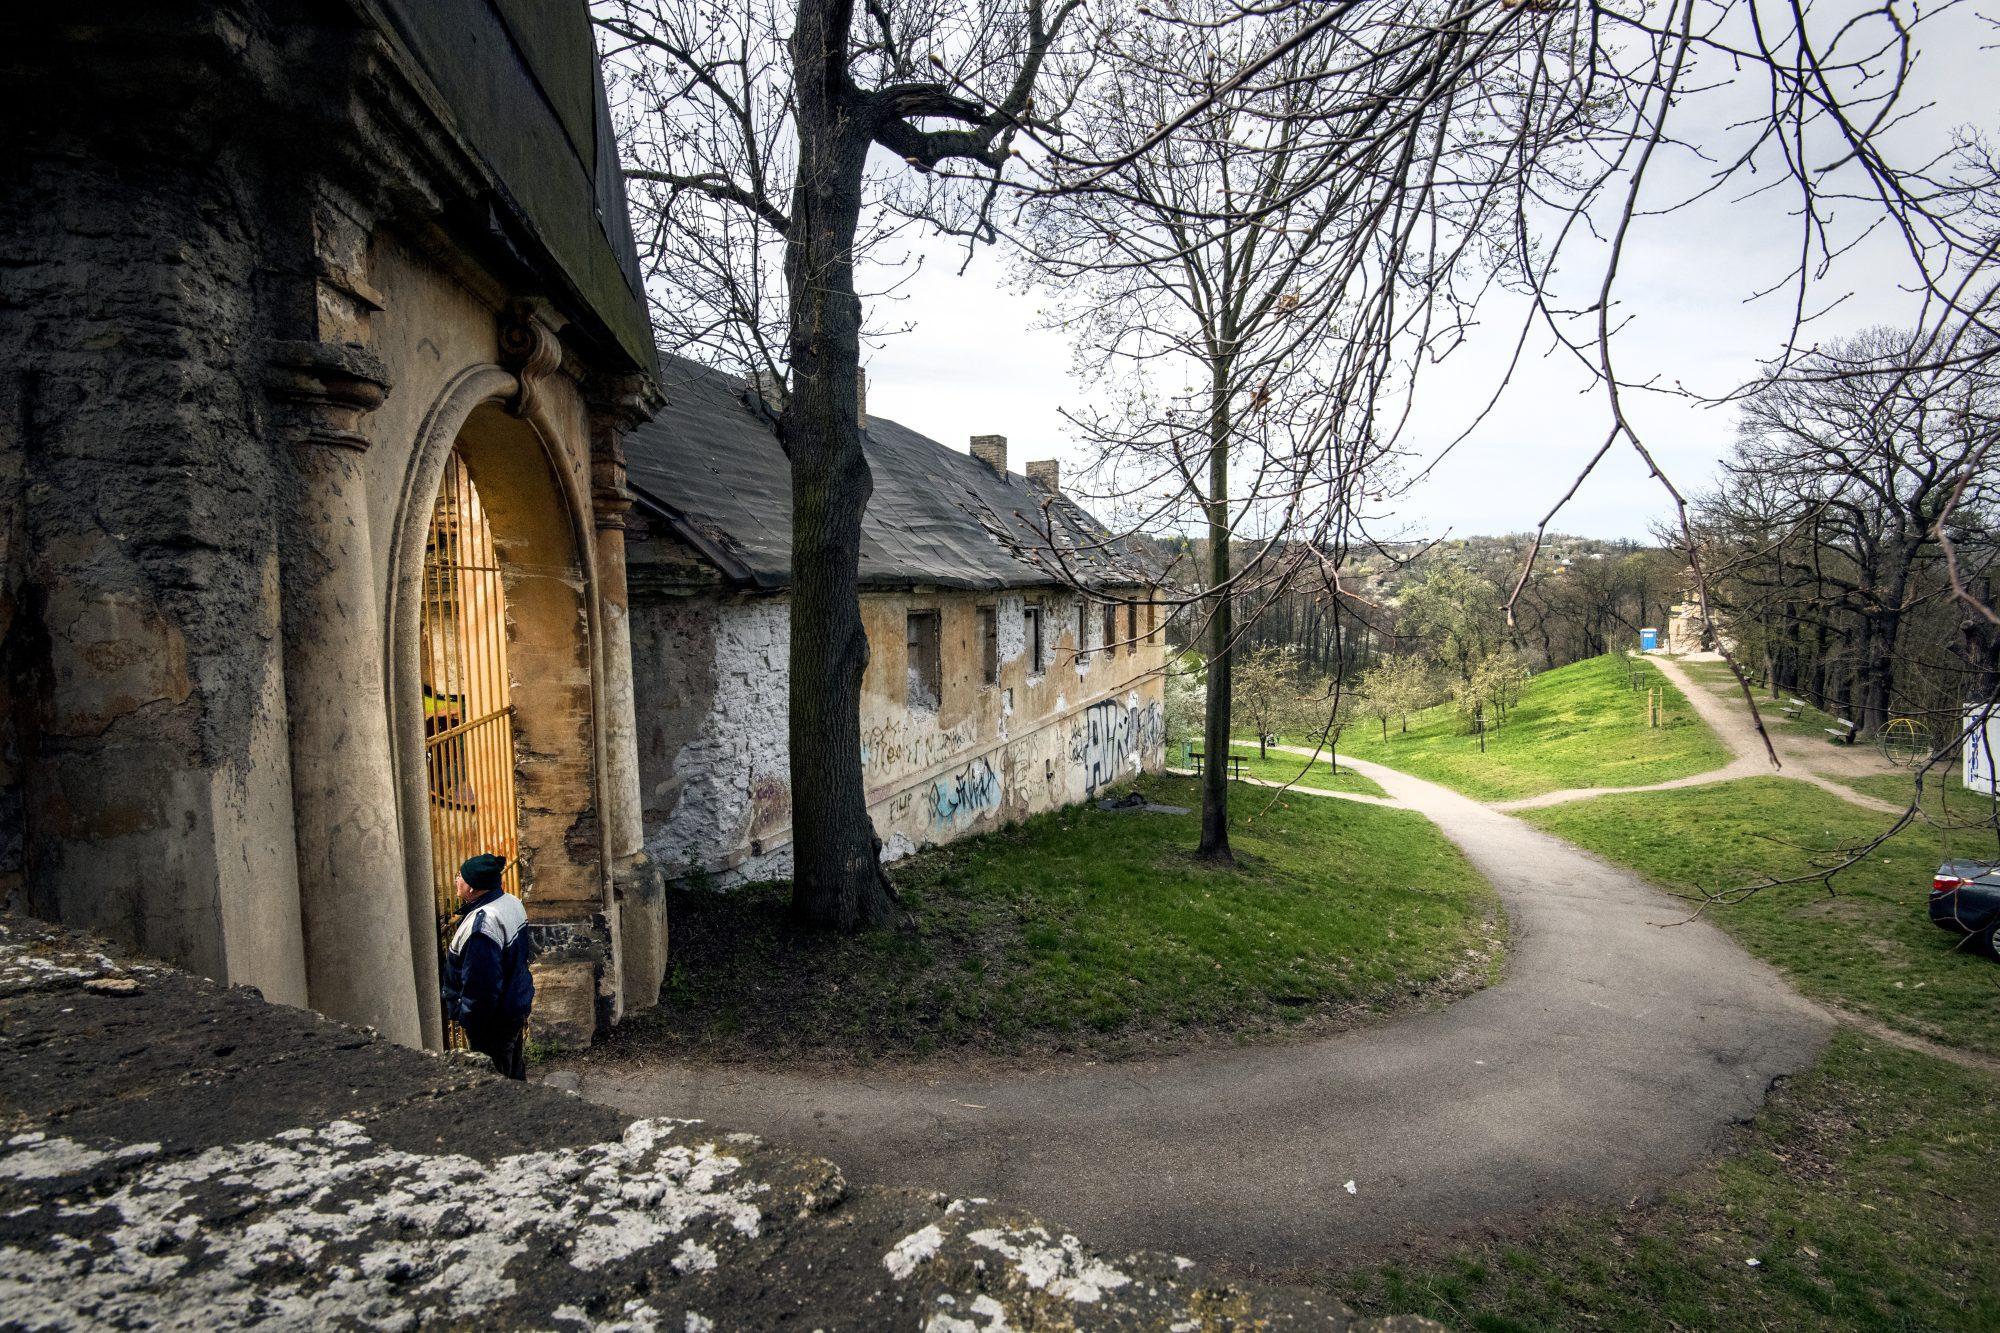 U vstupní brány - usedlost Cibulka by měla být přístupná i návštěvníkům v roce 2026.